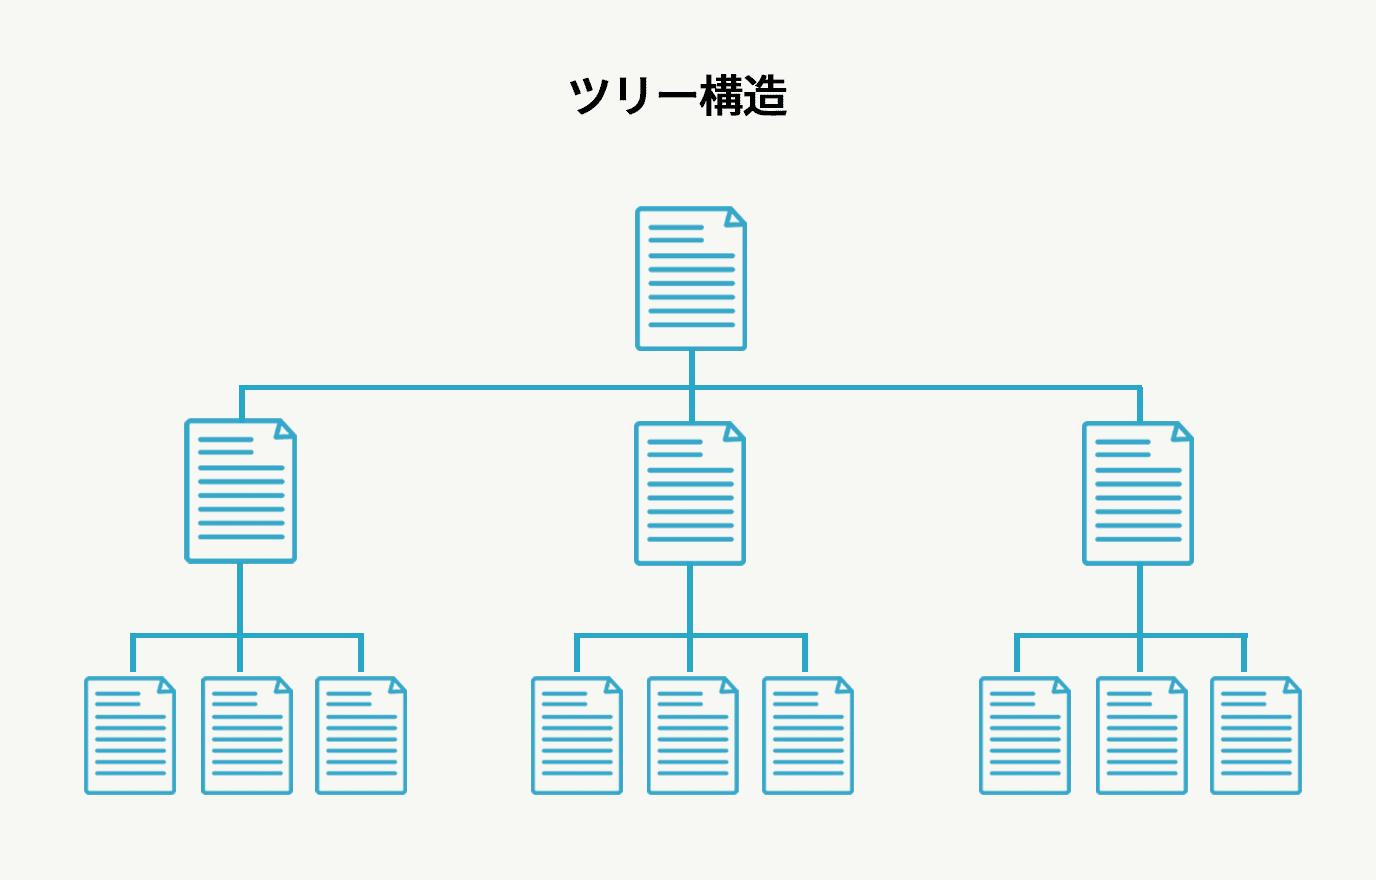 ホームページのツリー階層構造